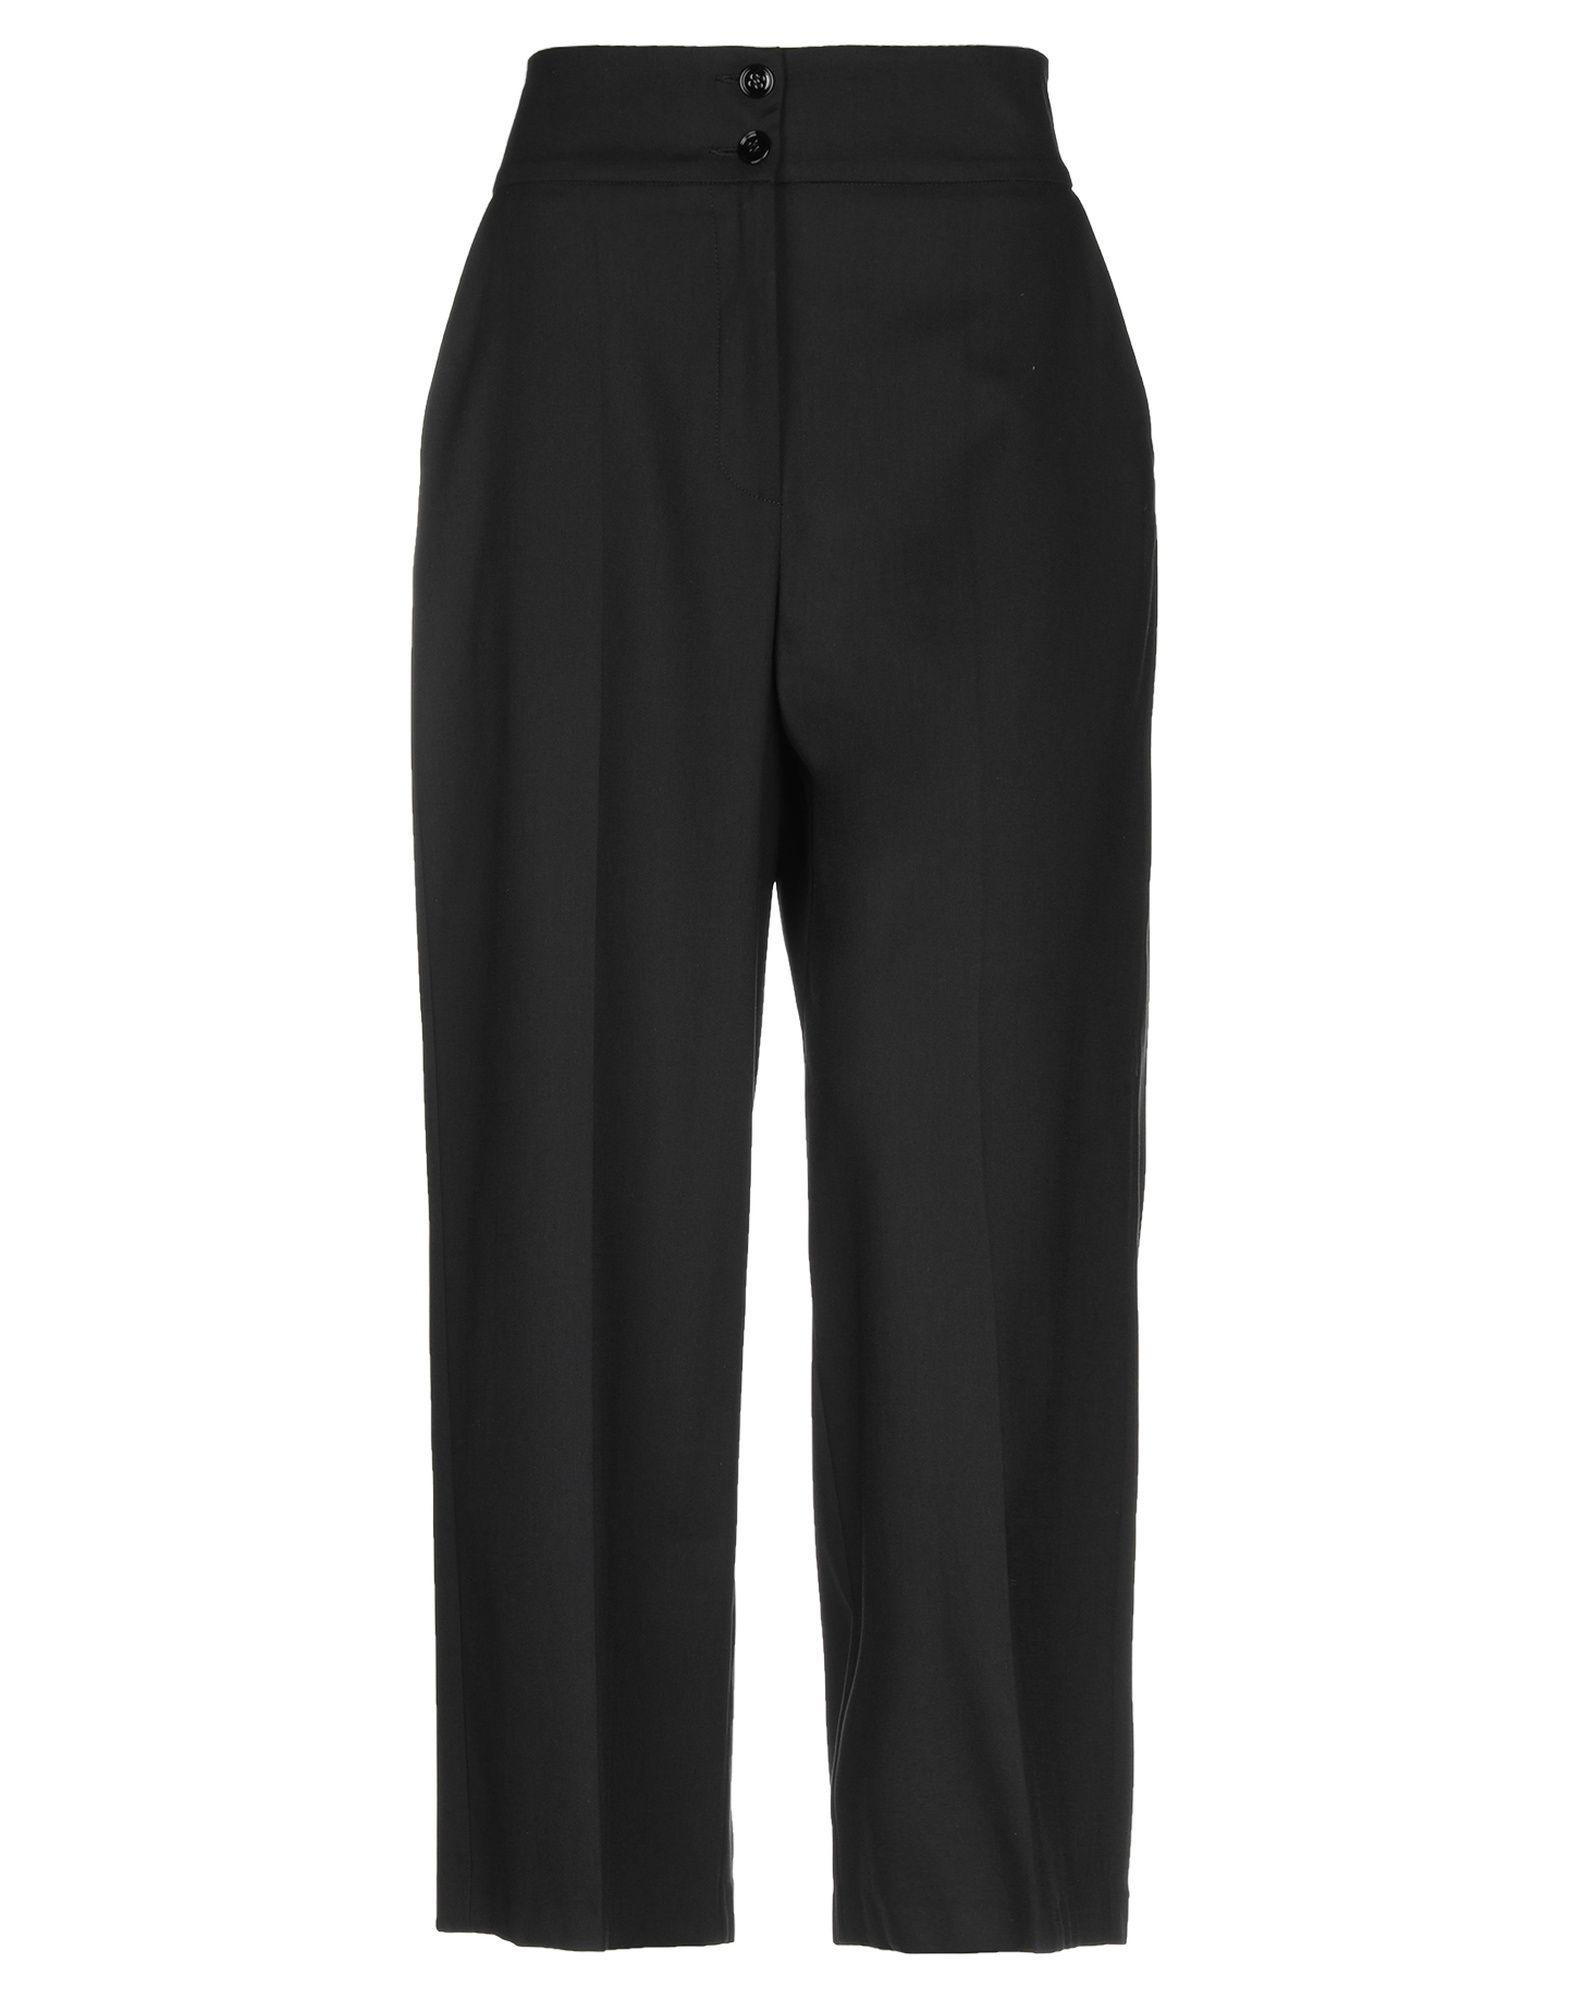 BLUGIRL BLUMARINE Повседневные брюки брюки широкие из саржи стрейч